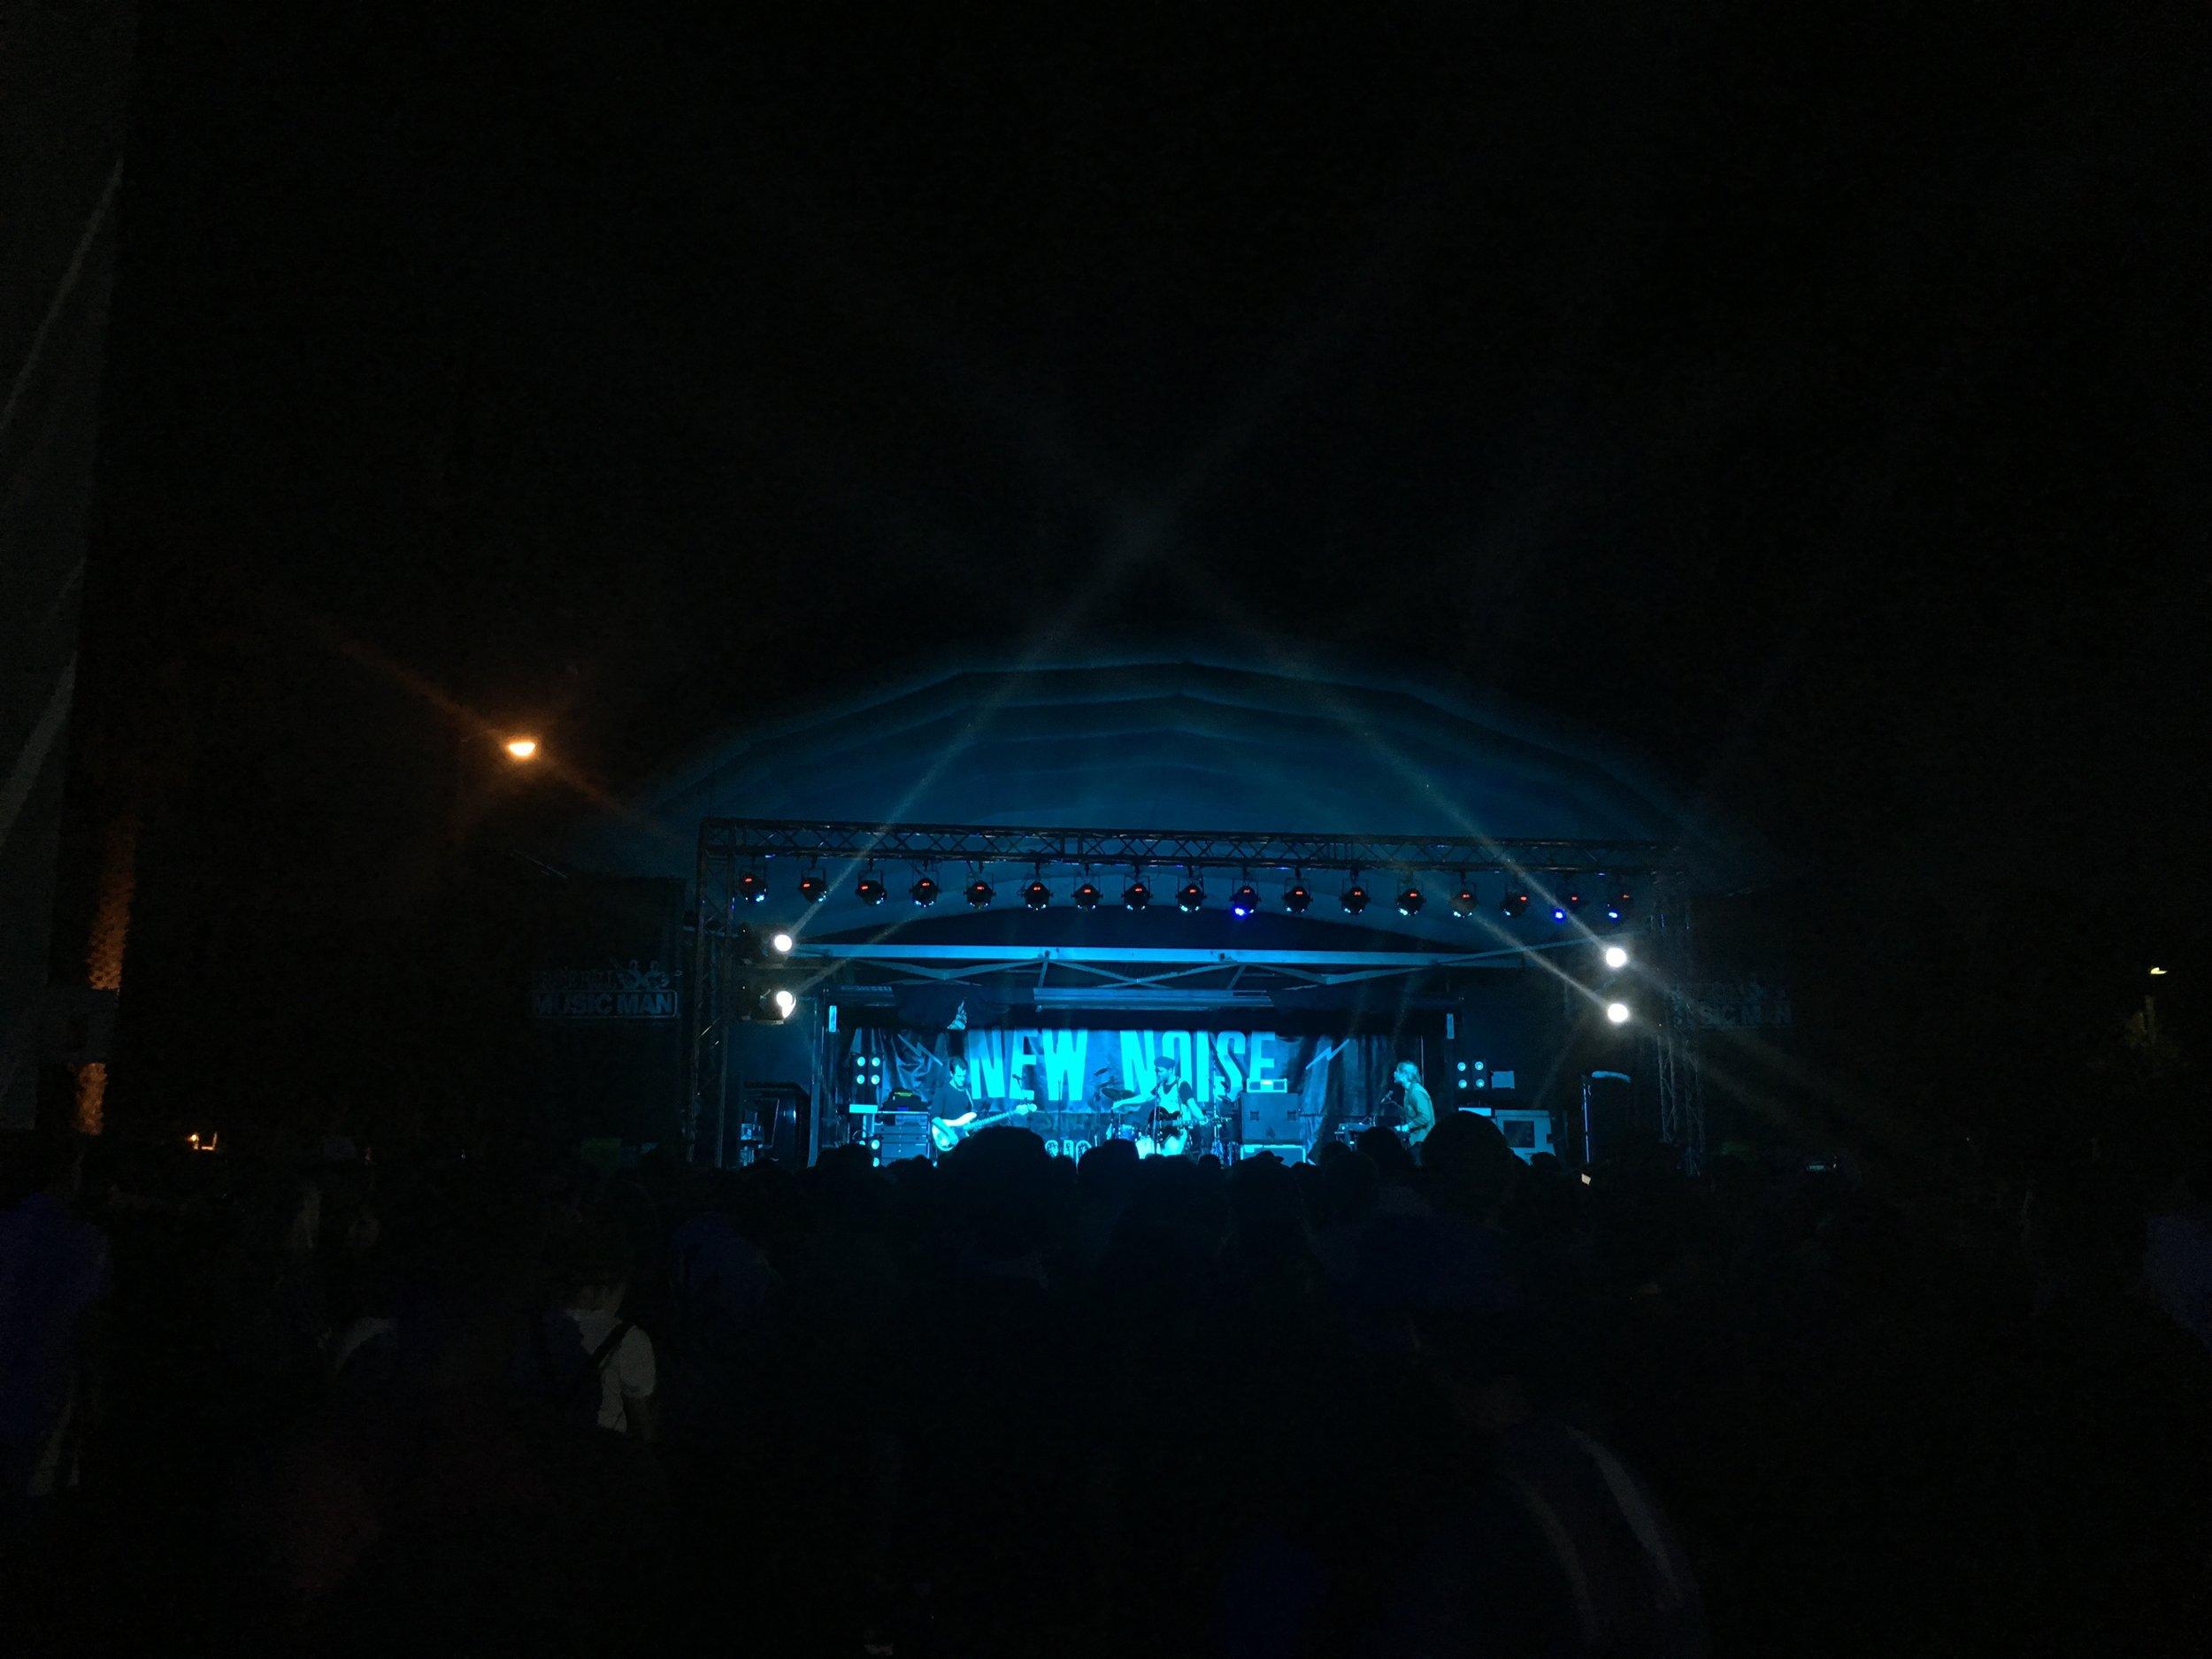 Concert LED Lighting